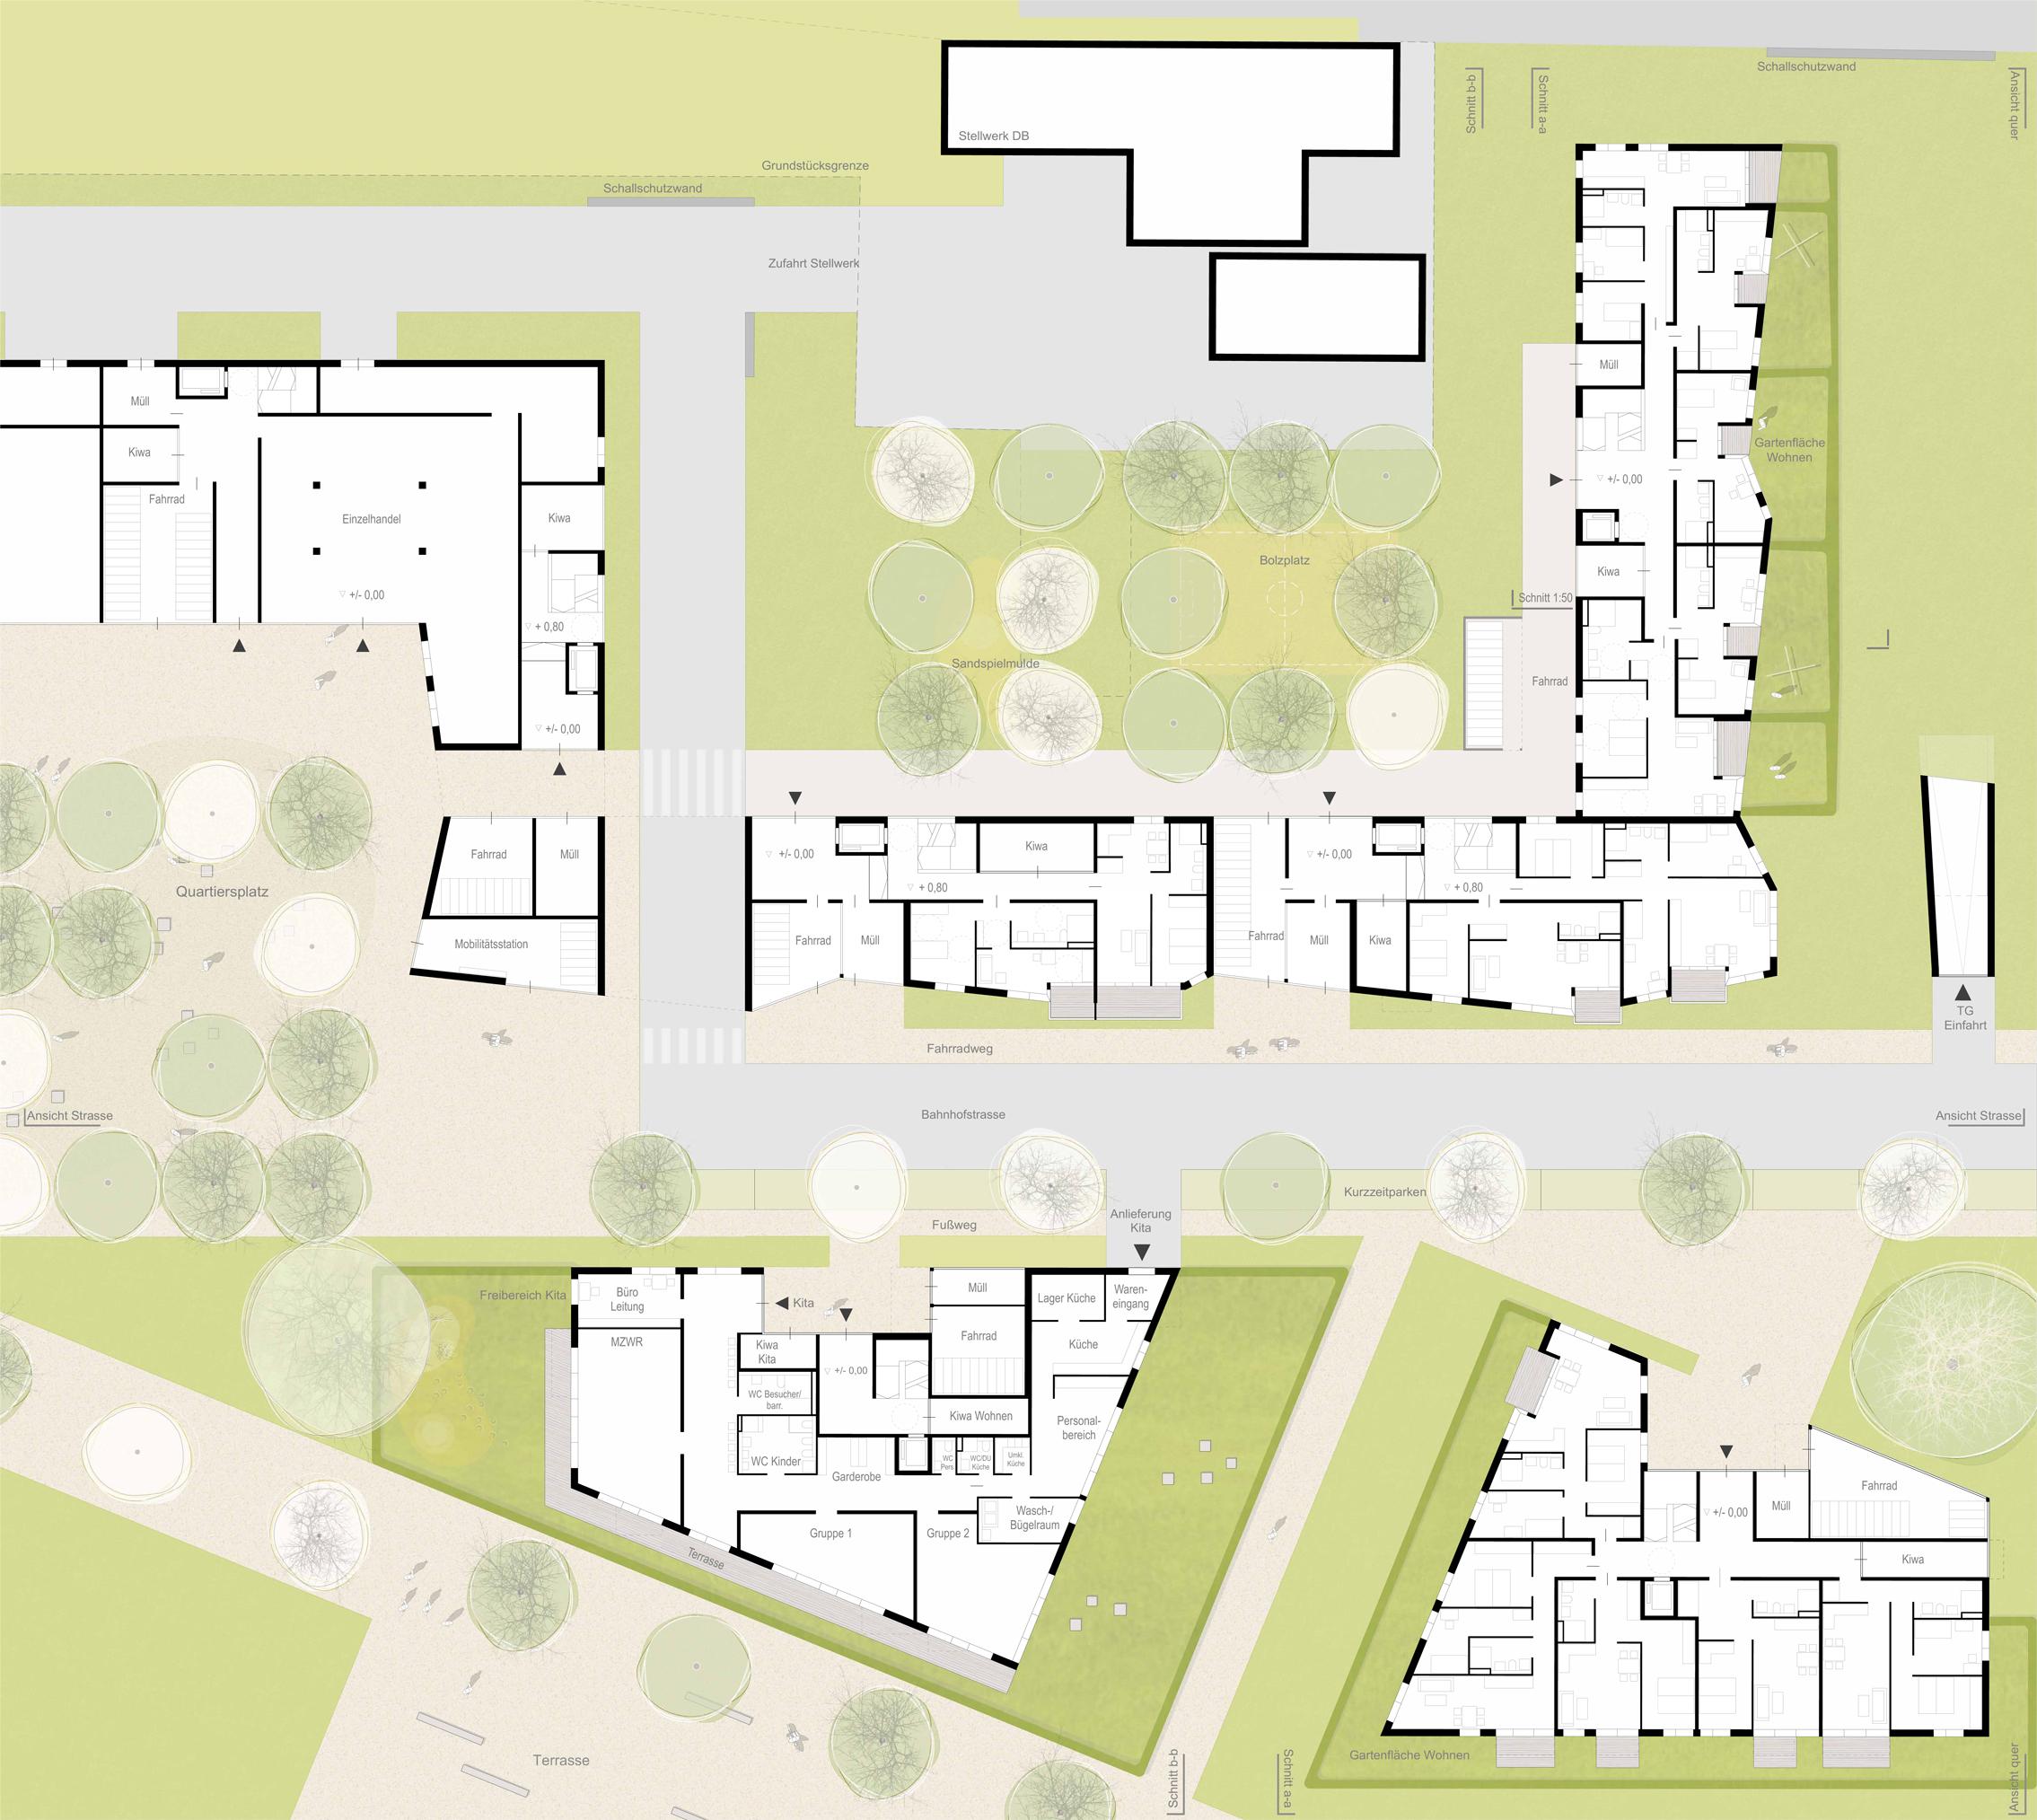 Architekten Landshut fischer z architekten ehemaliges bahngelände westlich des